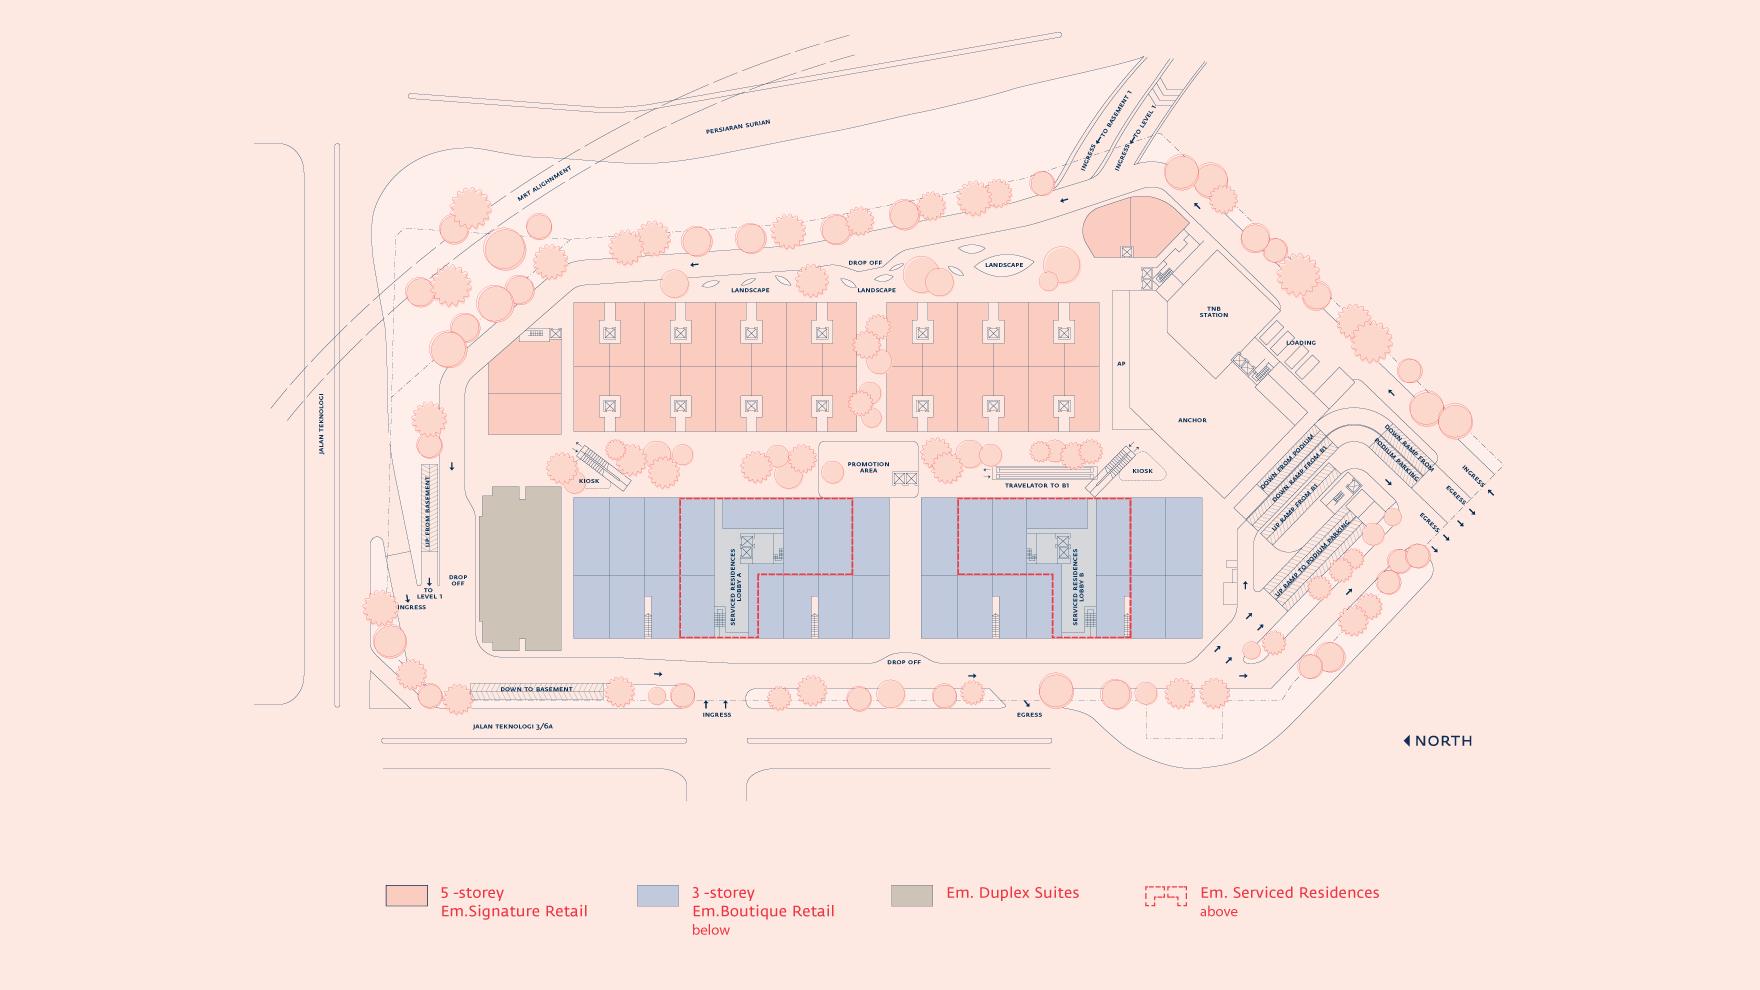 Site Plan of Emporis